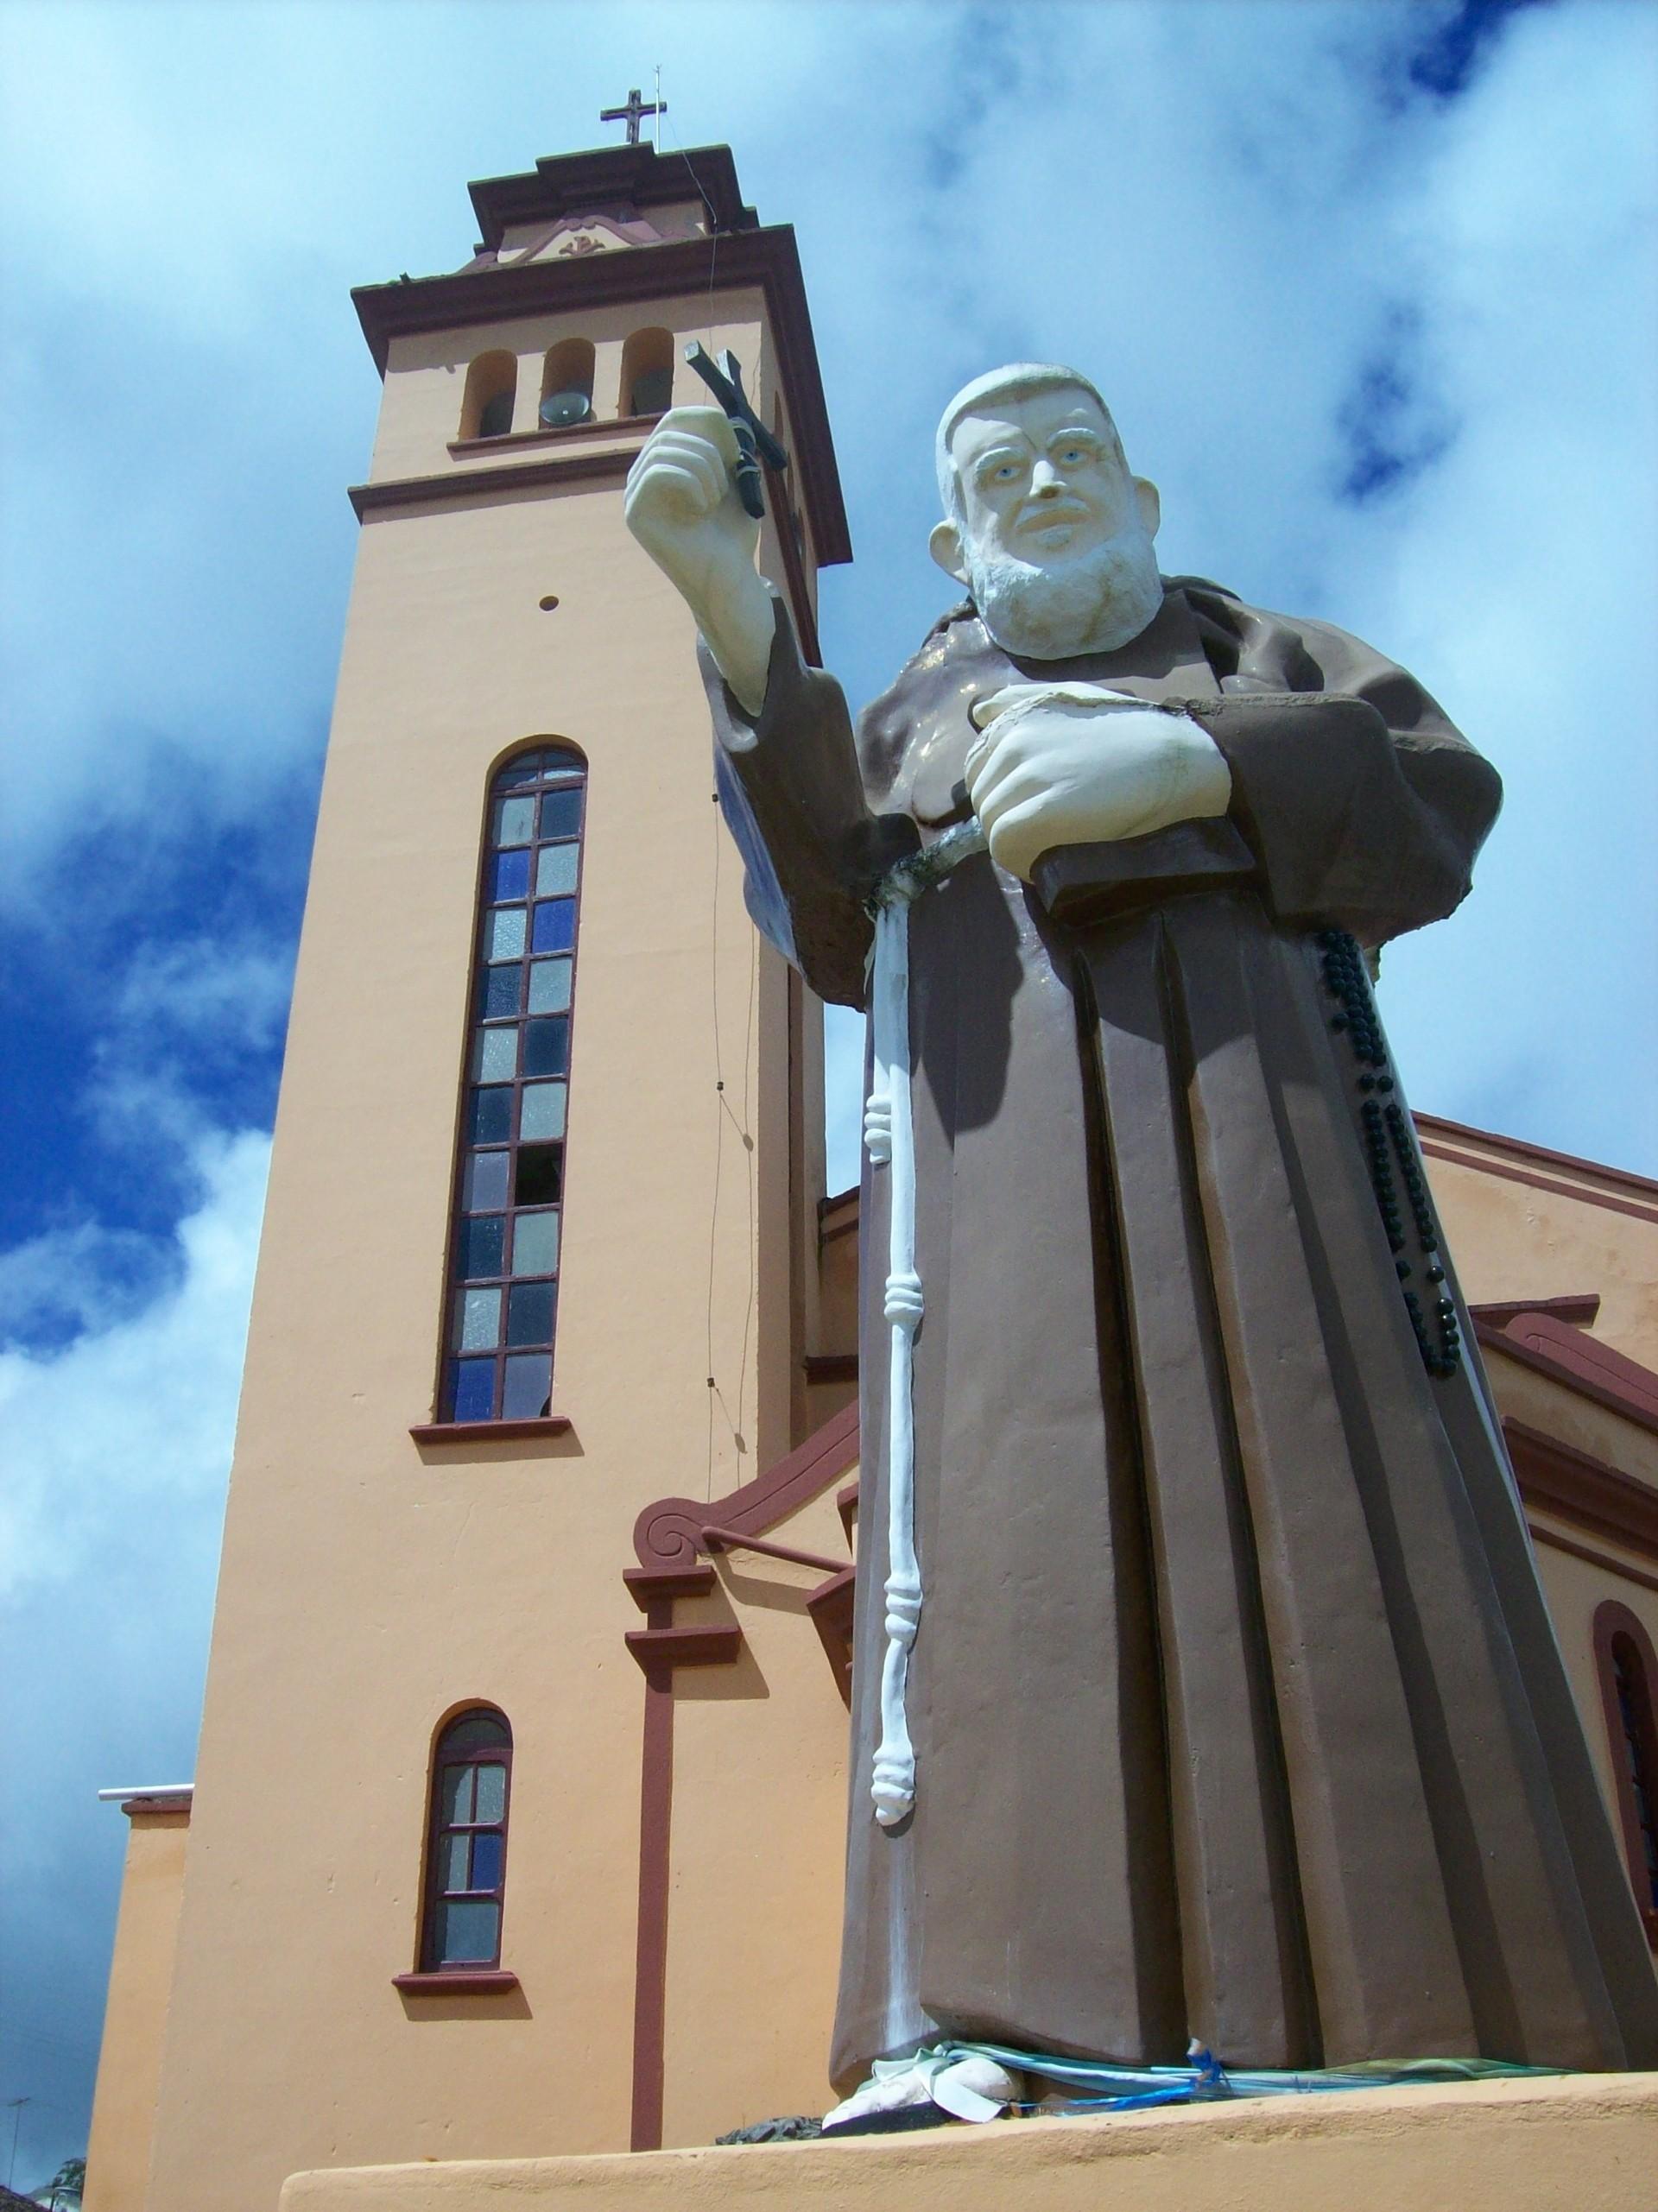 Serão quatro dias de festa em homenagem ao padroeiro da cidade (Foto: Divulgação/Josinaldo Amaury Ascom São Joaquim do Monte)